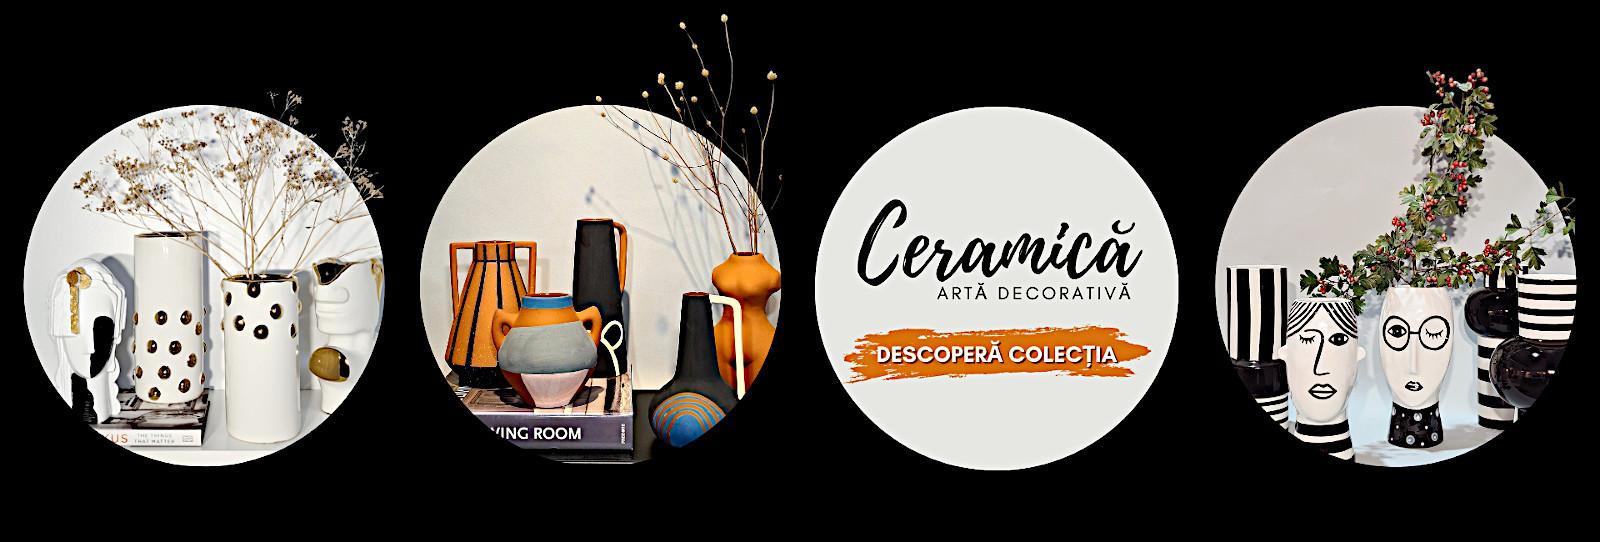 Arta decorativa ceramica consolidat